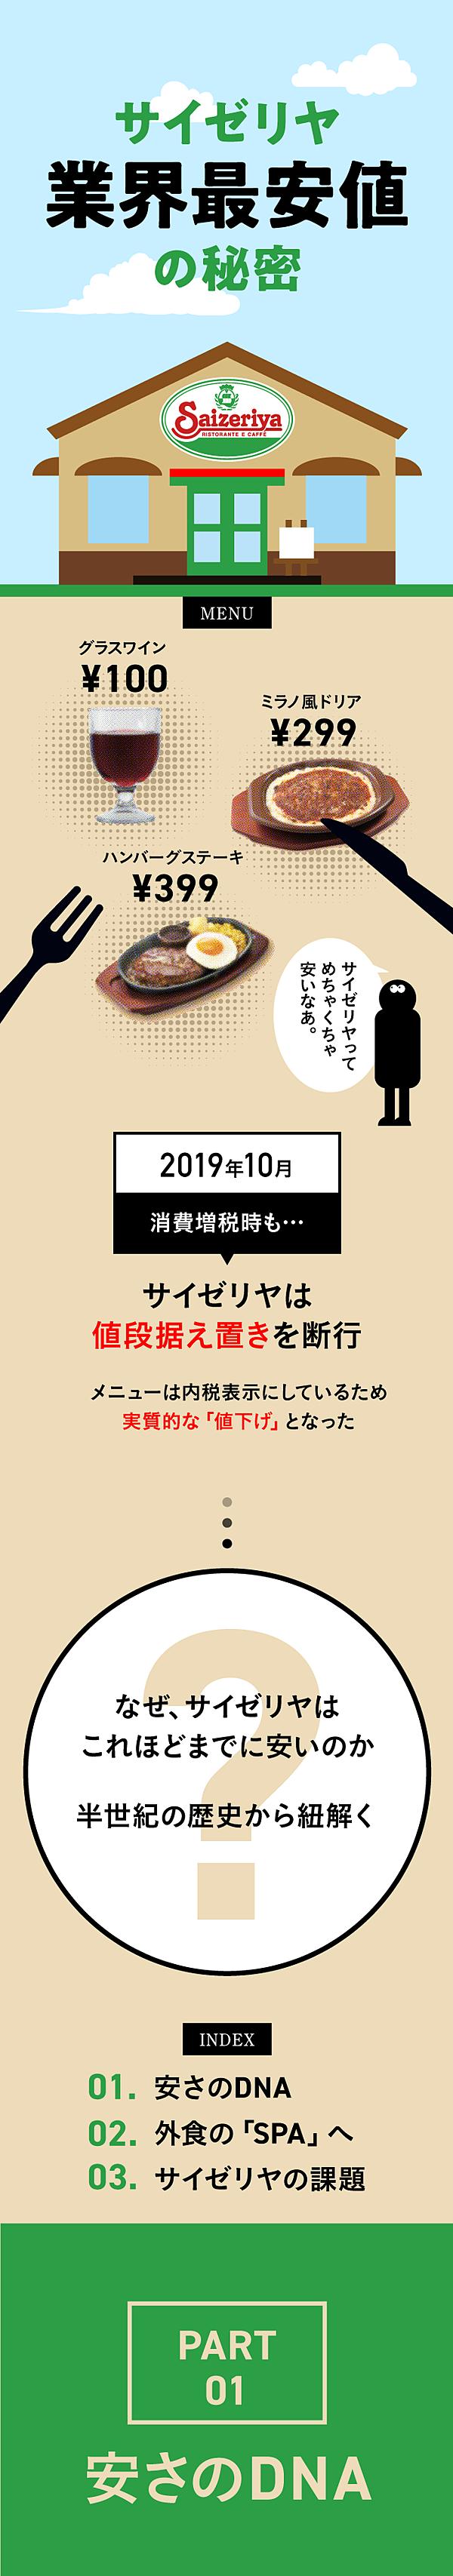 安値 com 最